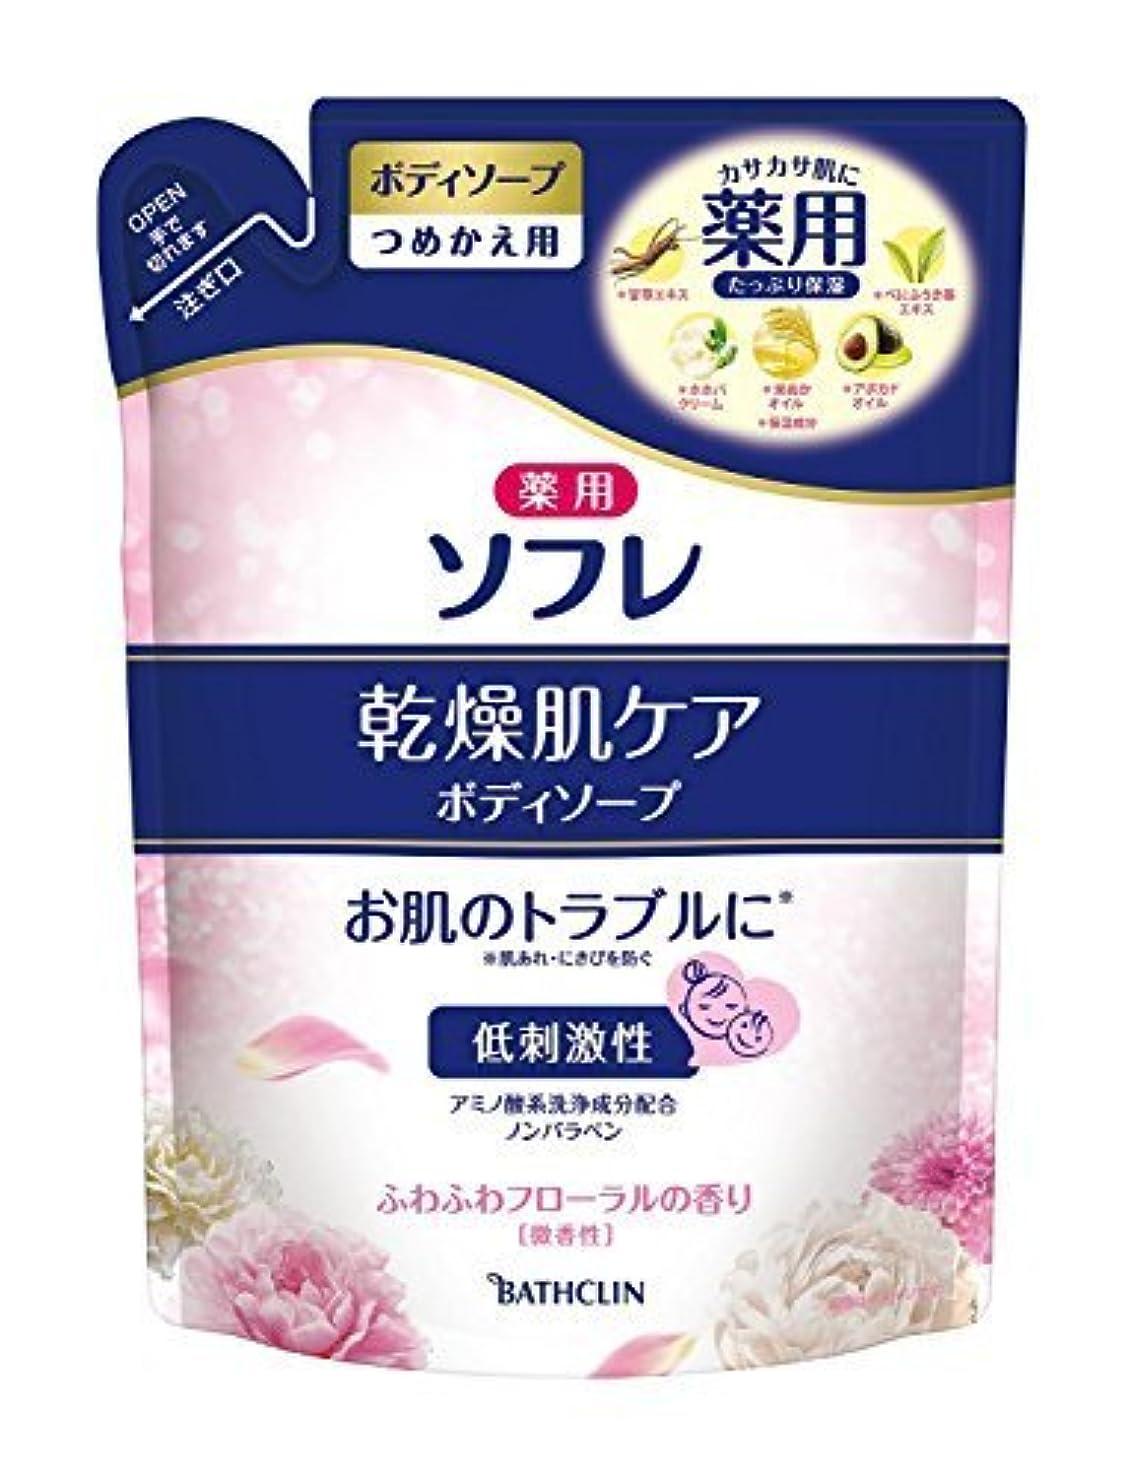 用心王女帰る薬用ソフレ 乾燥肌ケアボディ詰替 × 3個セット